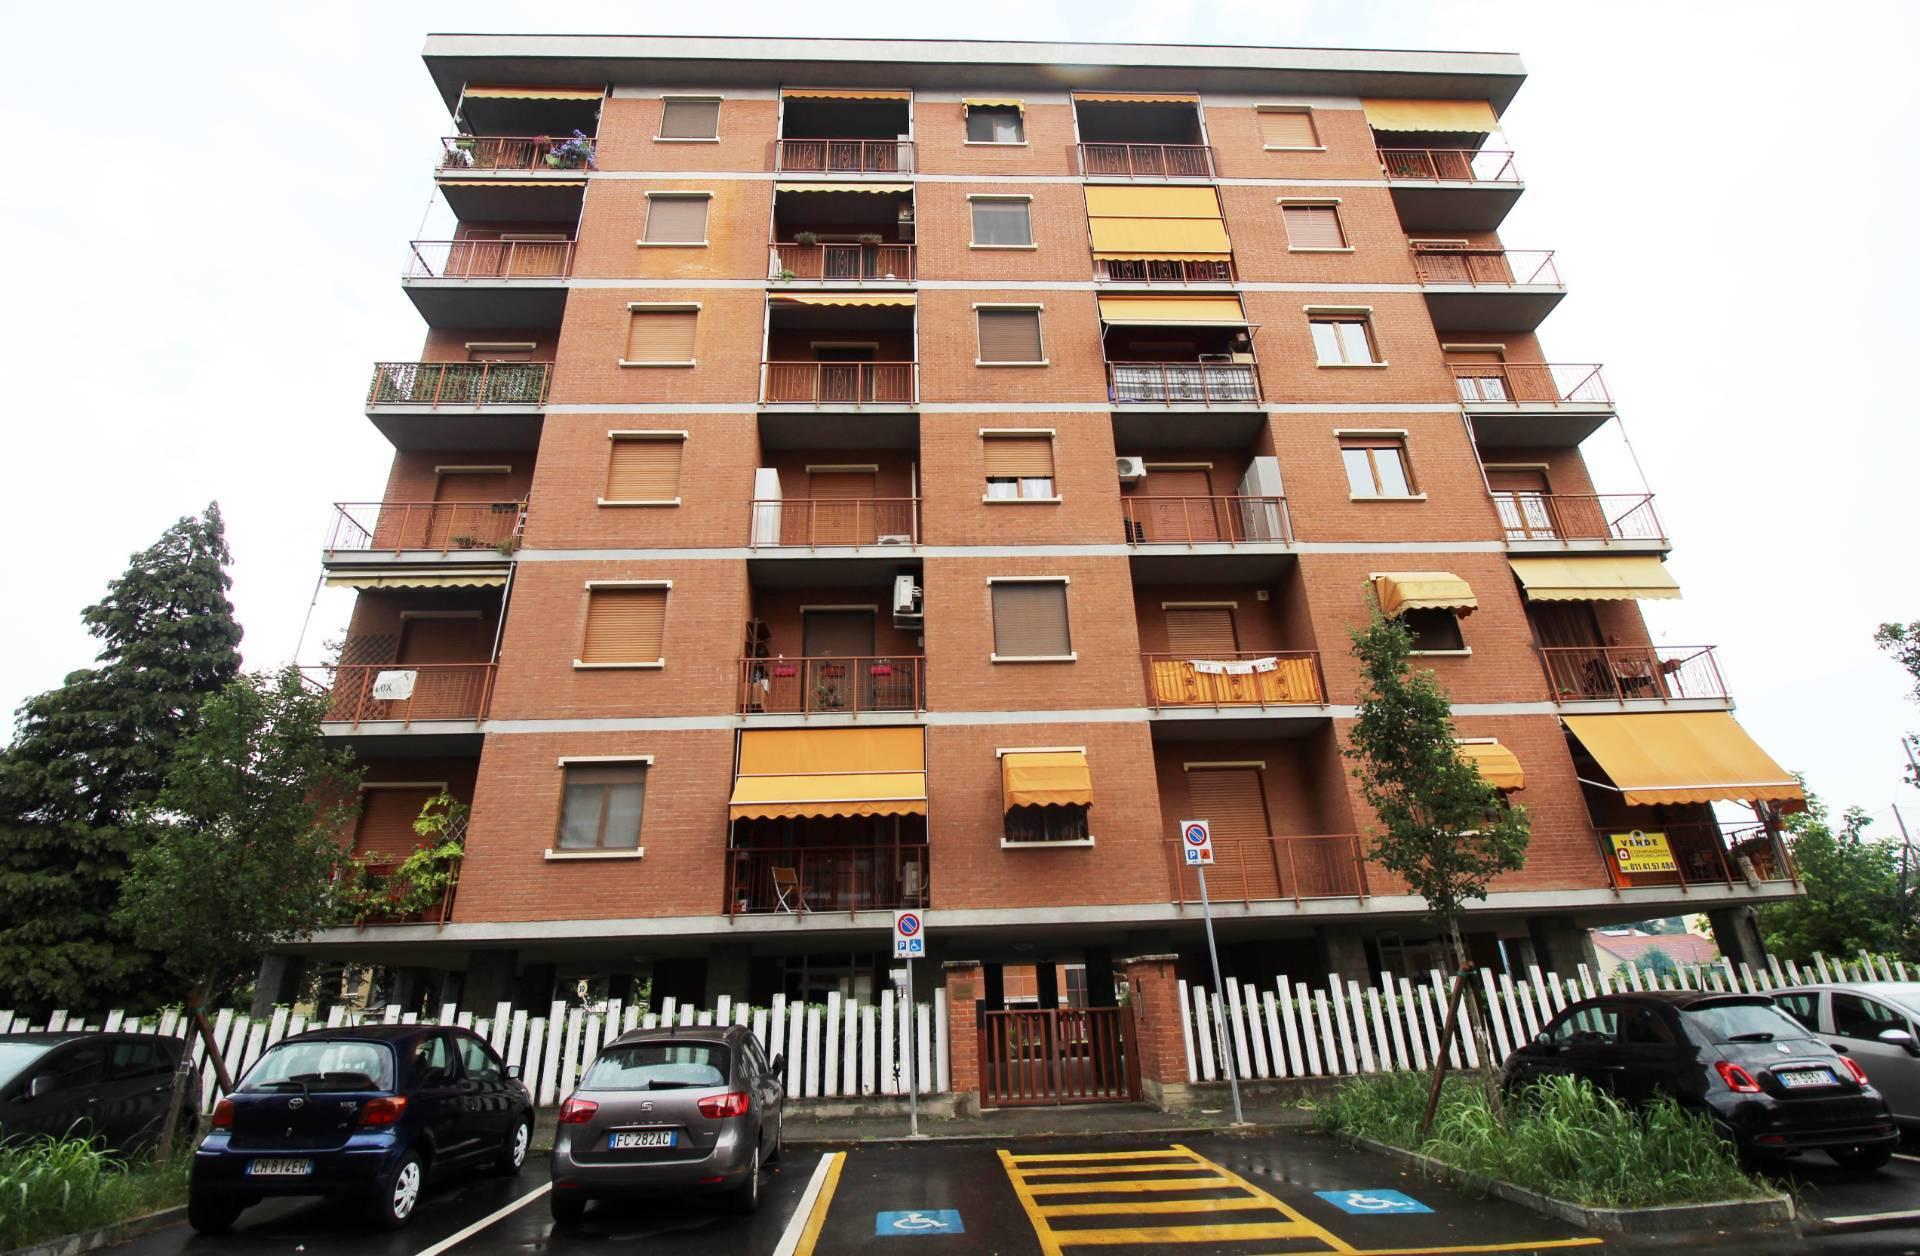 Appartamento in vendita a Collegno, 3 locali, zona Località: BassoDora, prezzo € 149.000 | CambioCasa.it